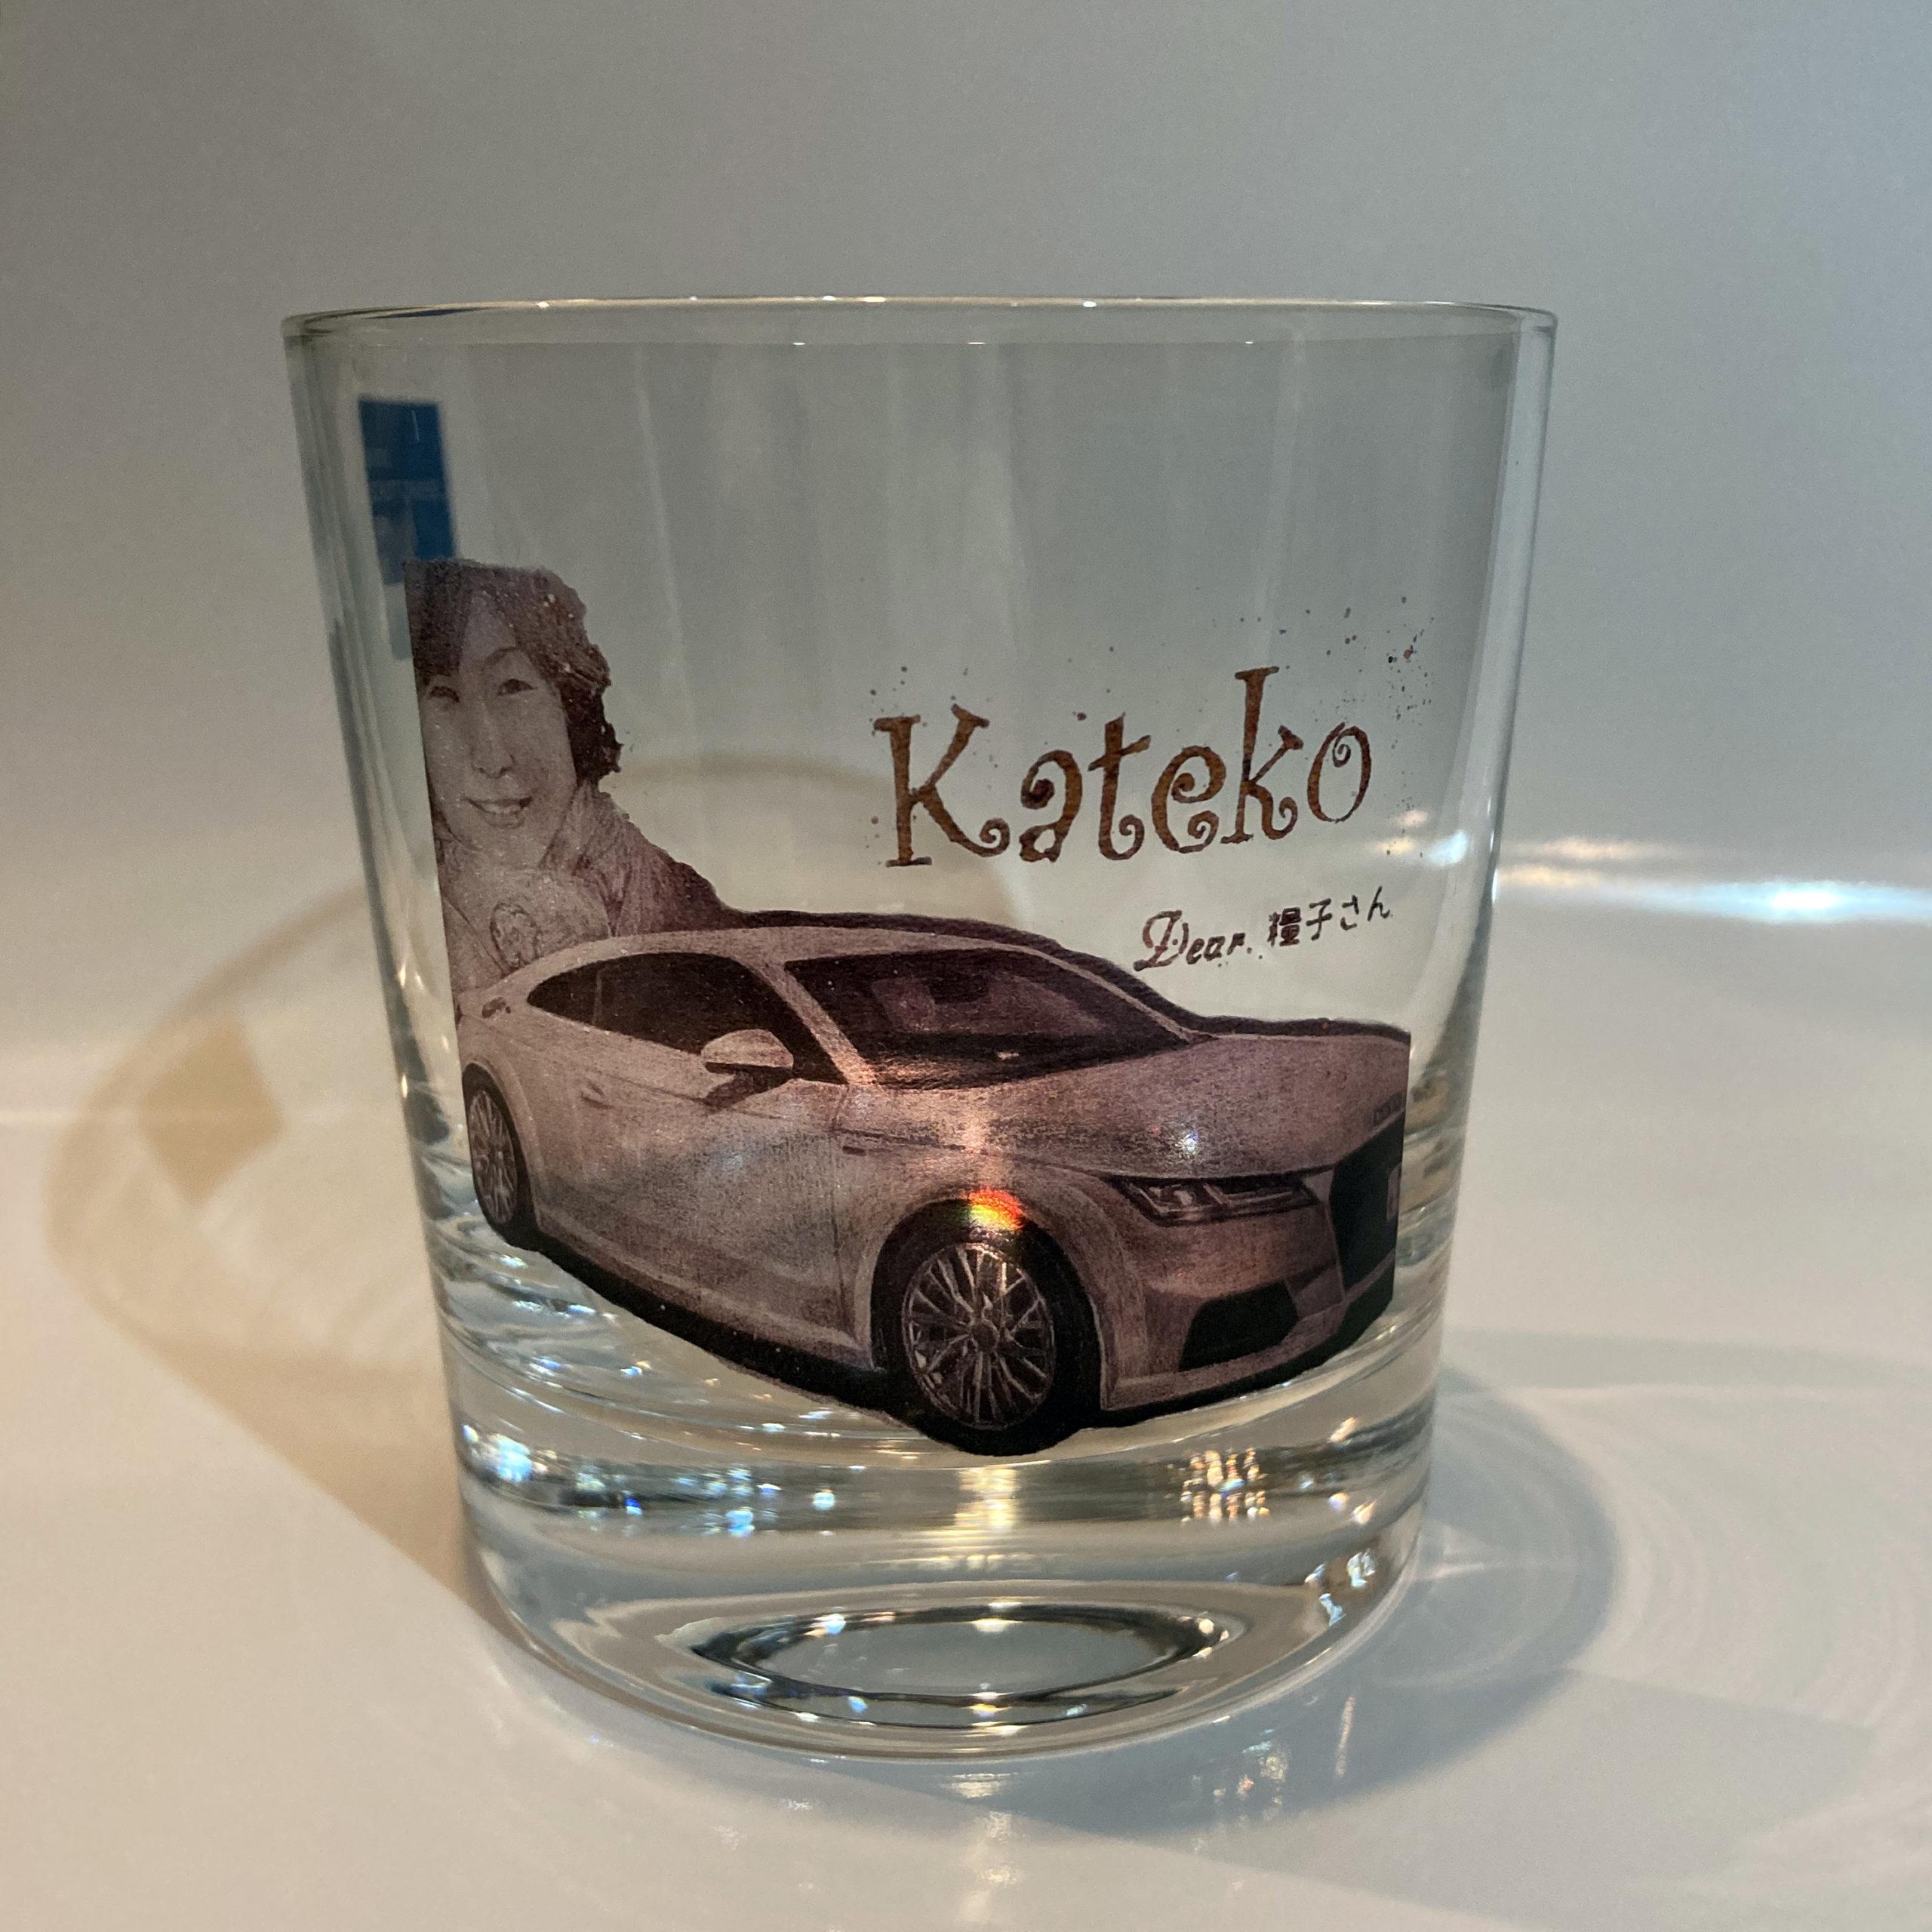 石井糧子 Kateko Laxerop ラージェロップ グラス